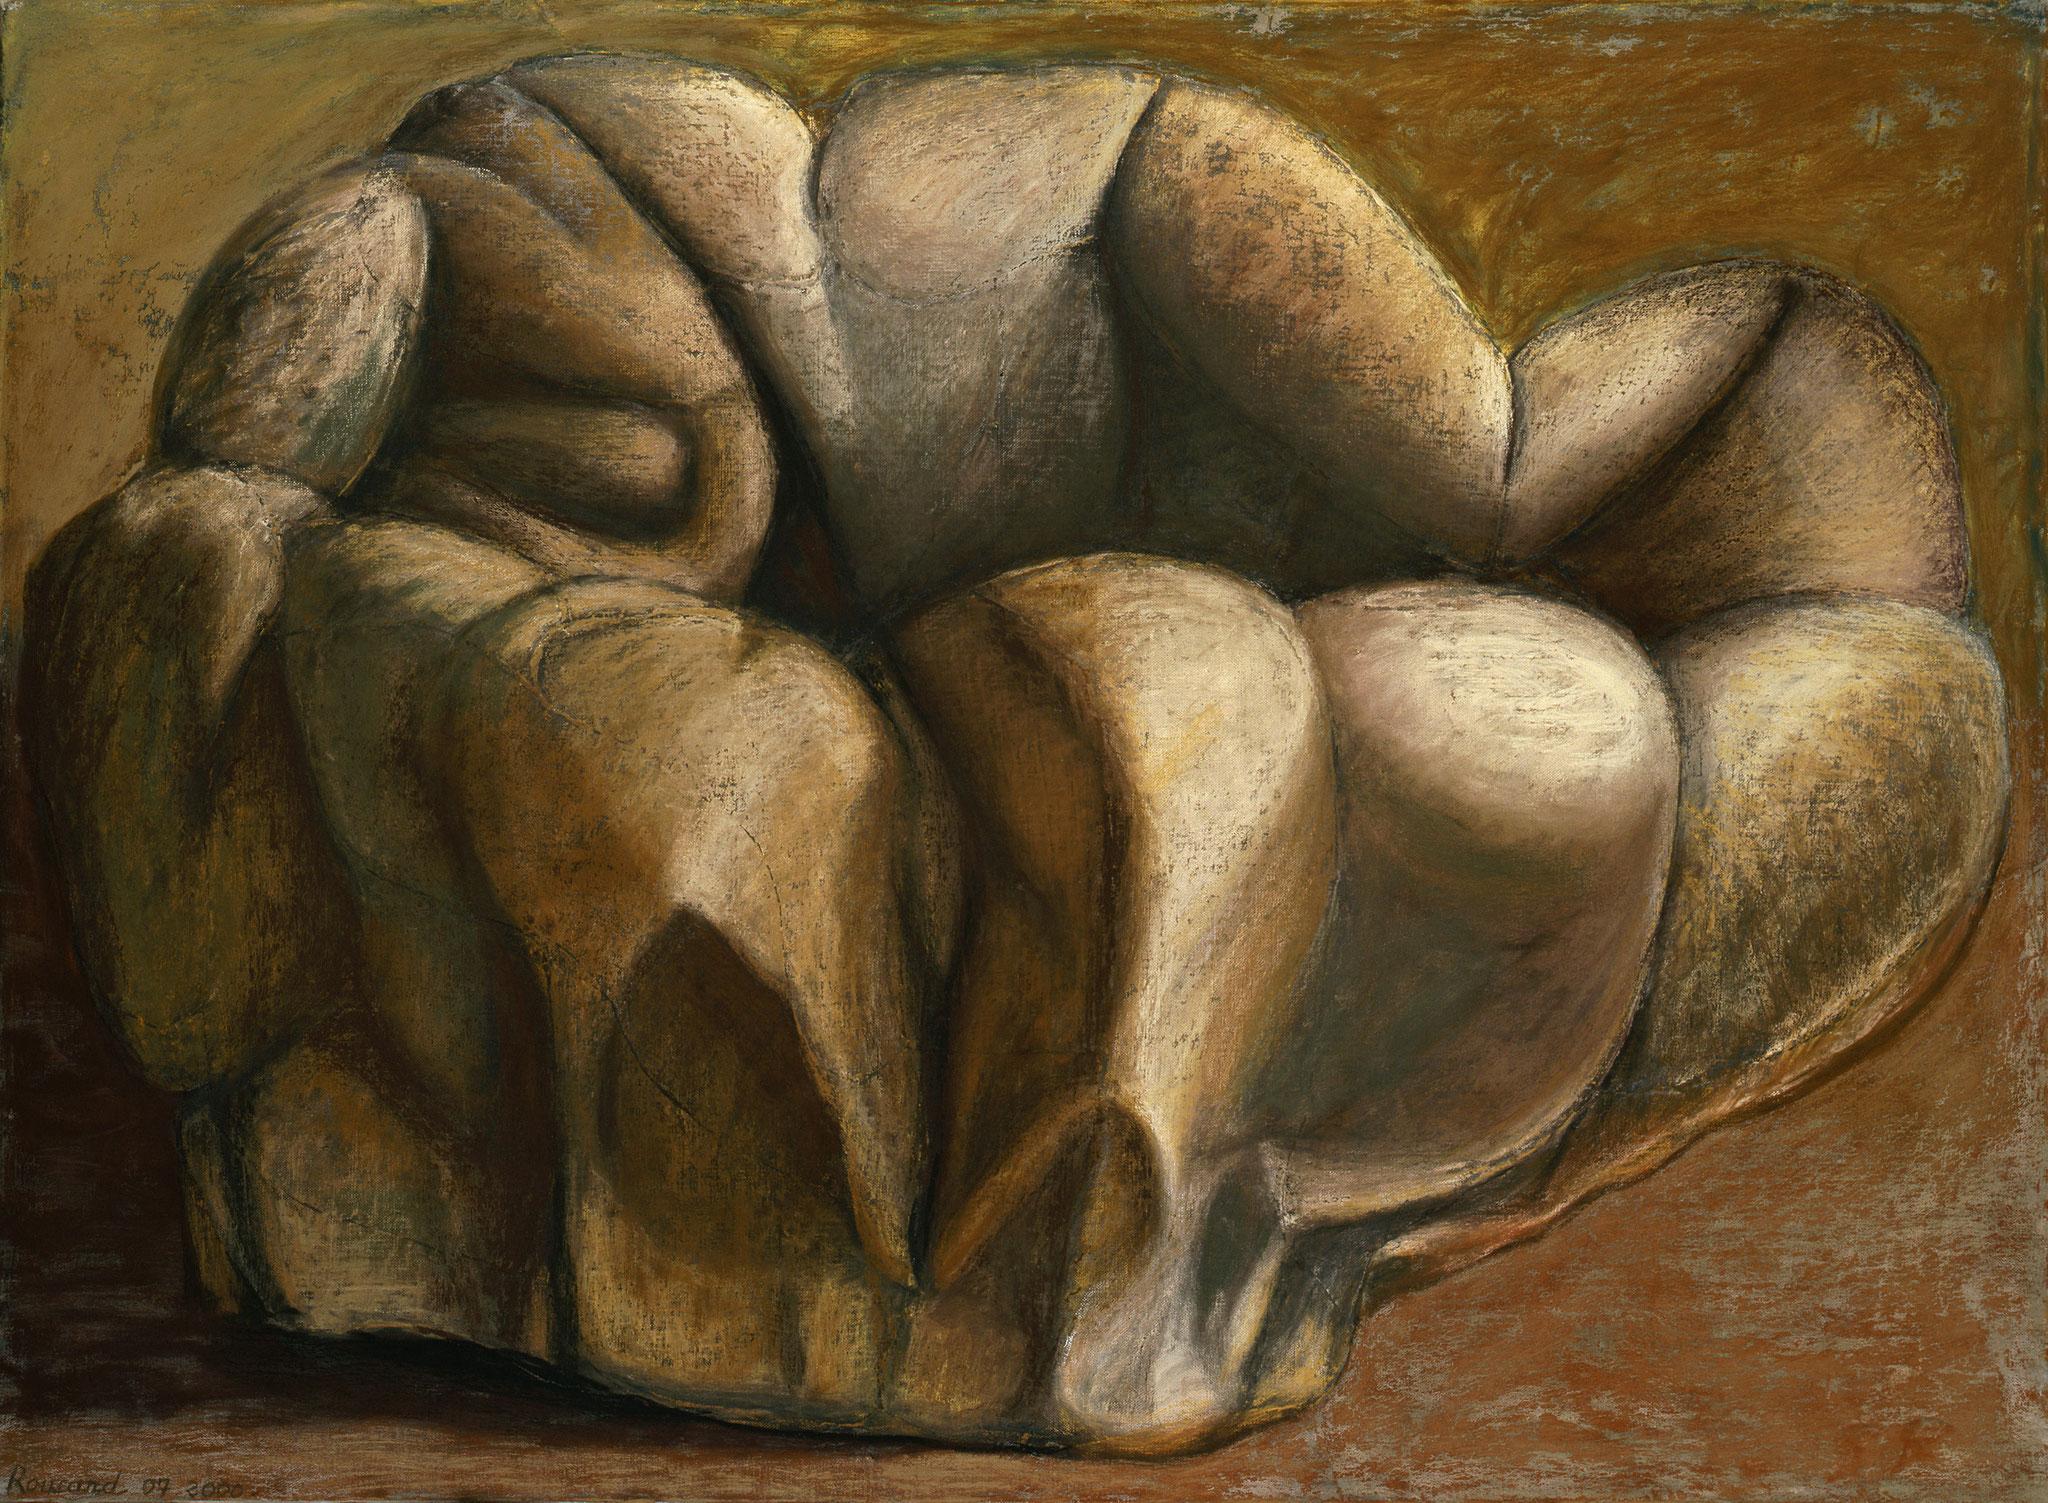 1999 - 2000. 120 x 160 cm. Pastel sur papier préparé marouflé sur toile.